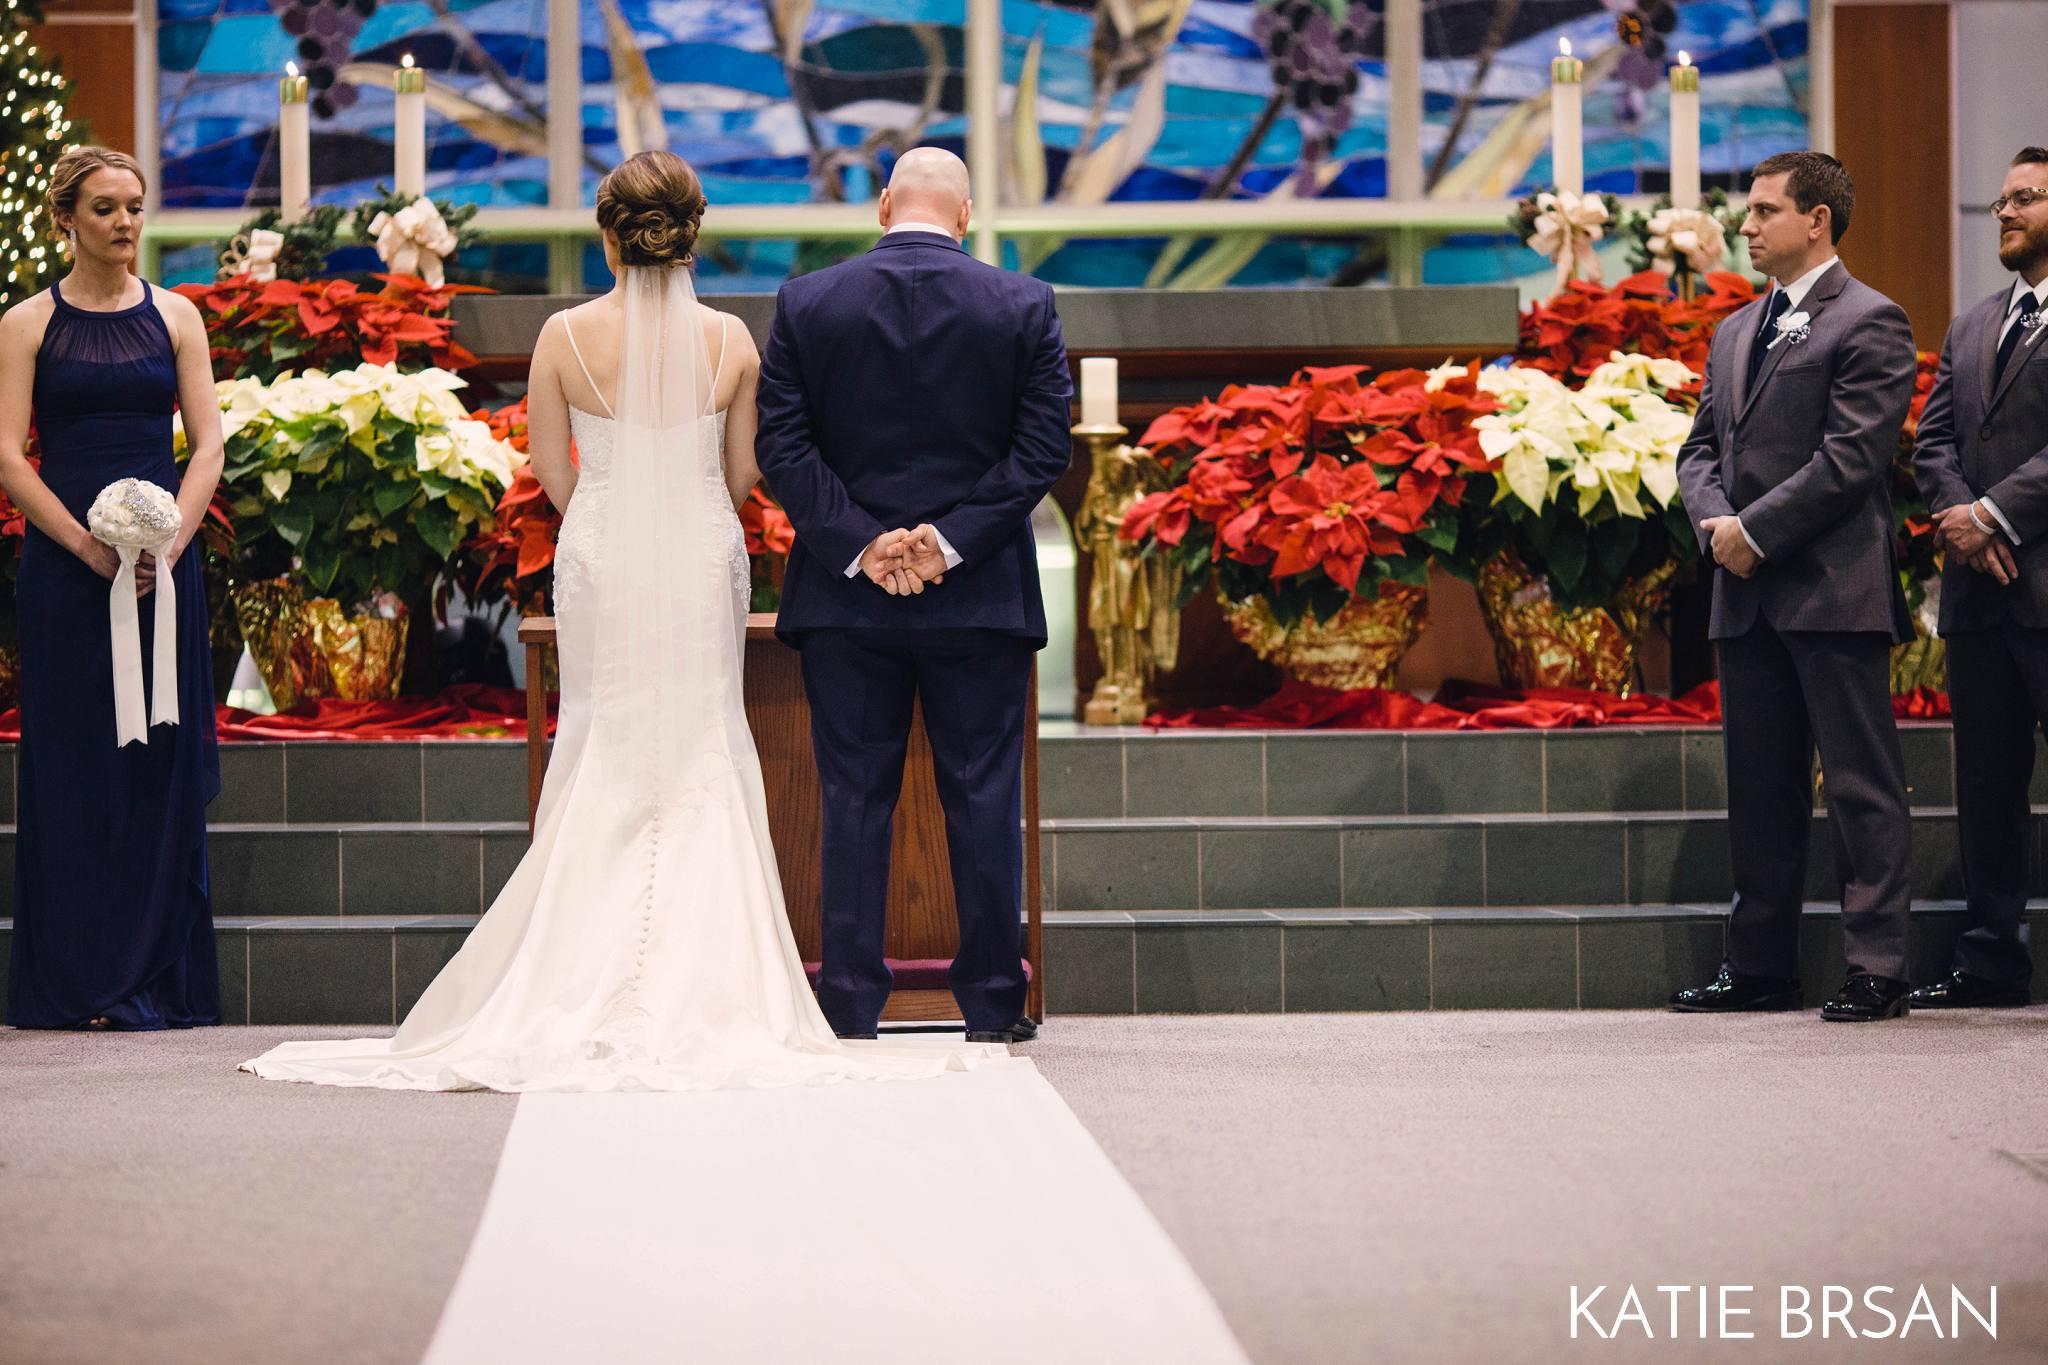 KatieBrsan-NewYearsEve-Wedding_0460.jpg